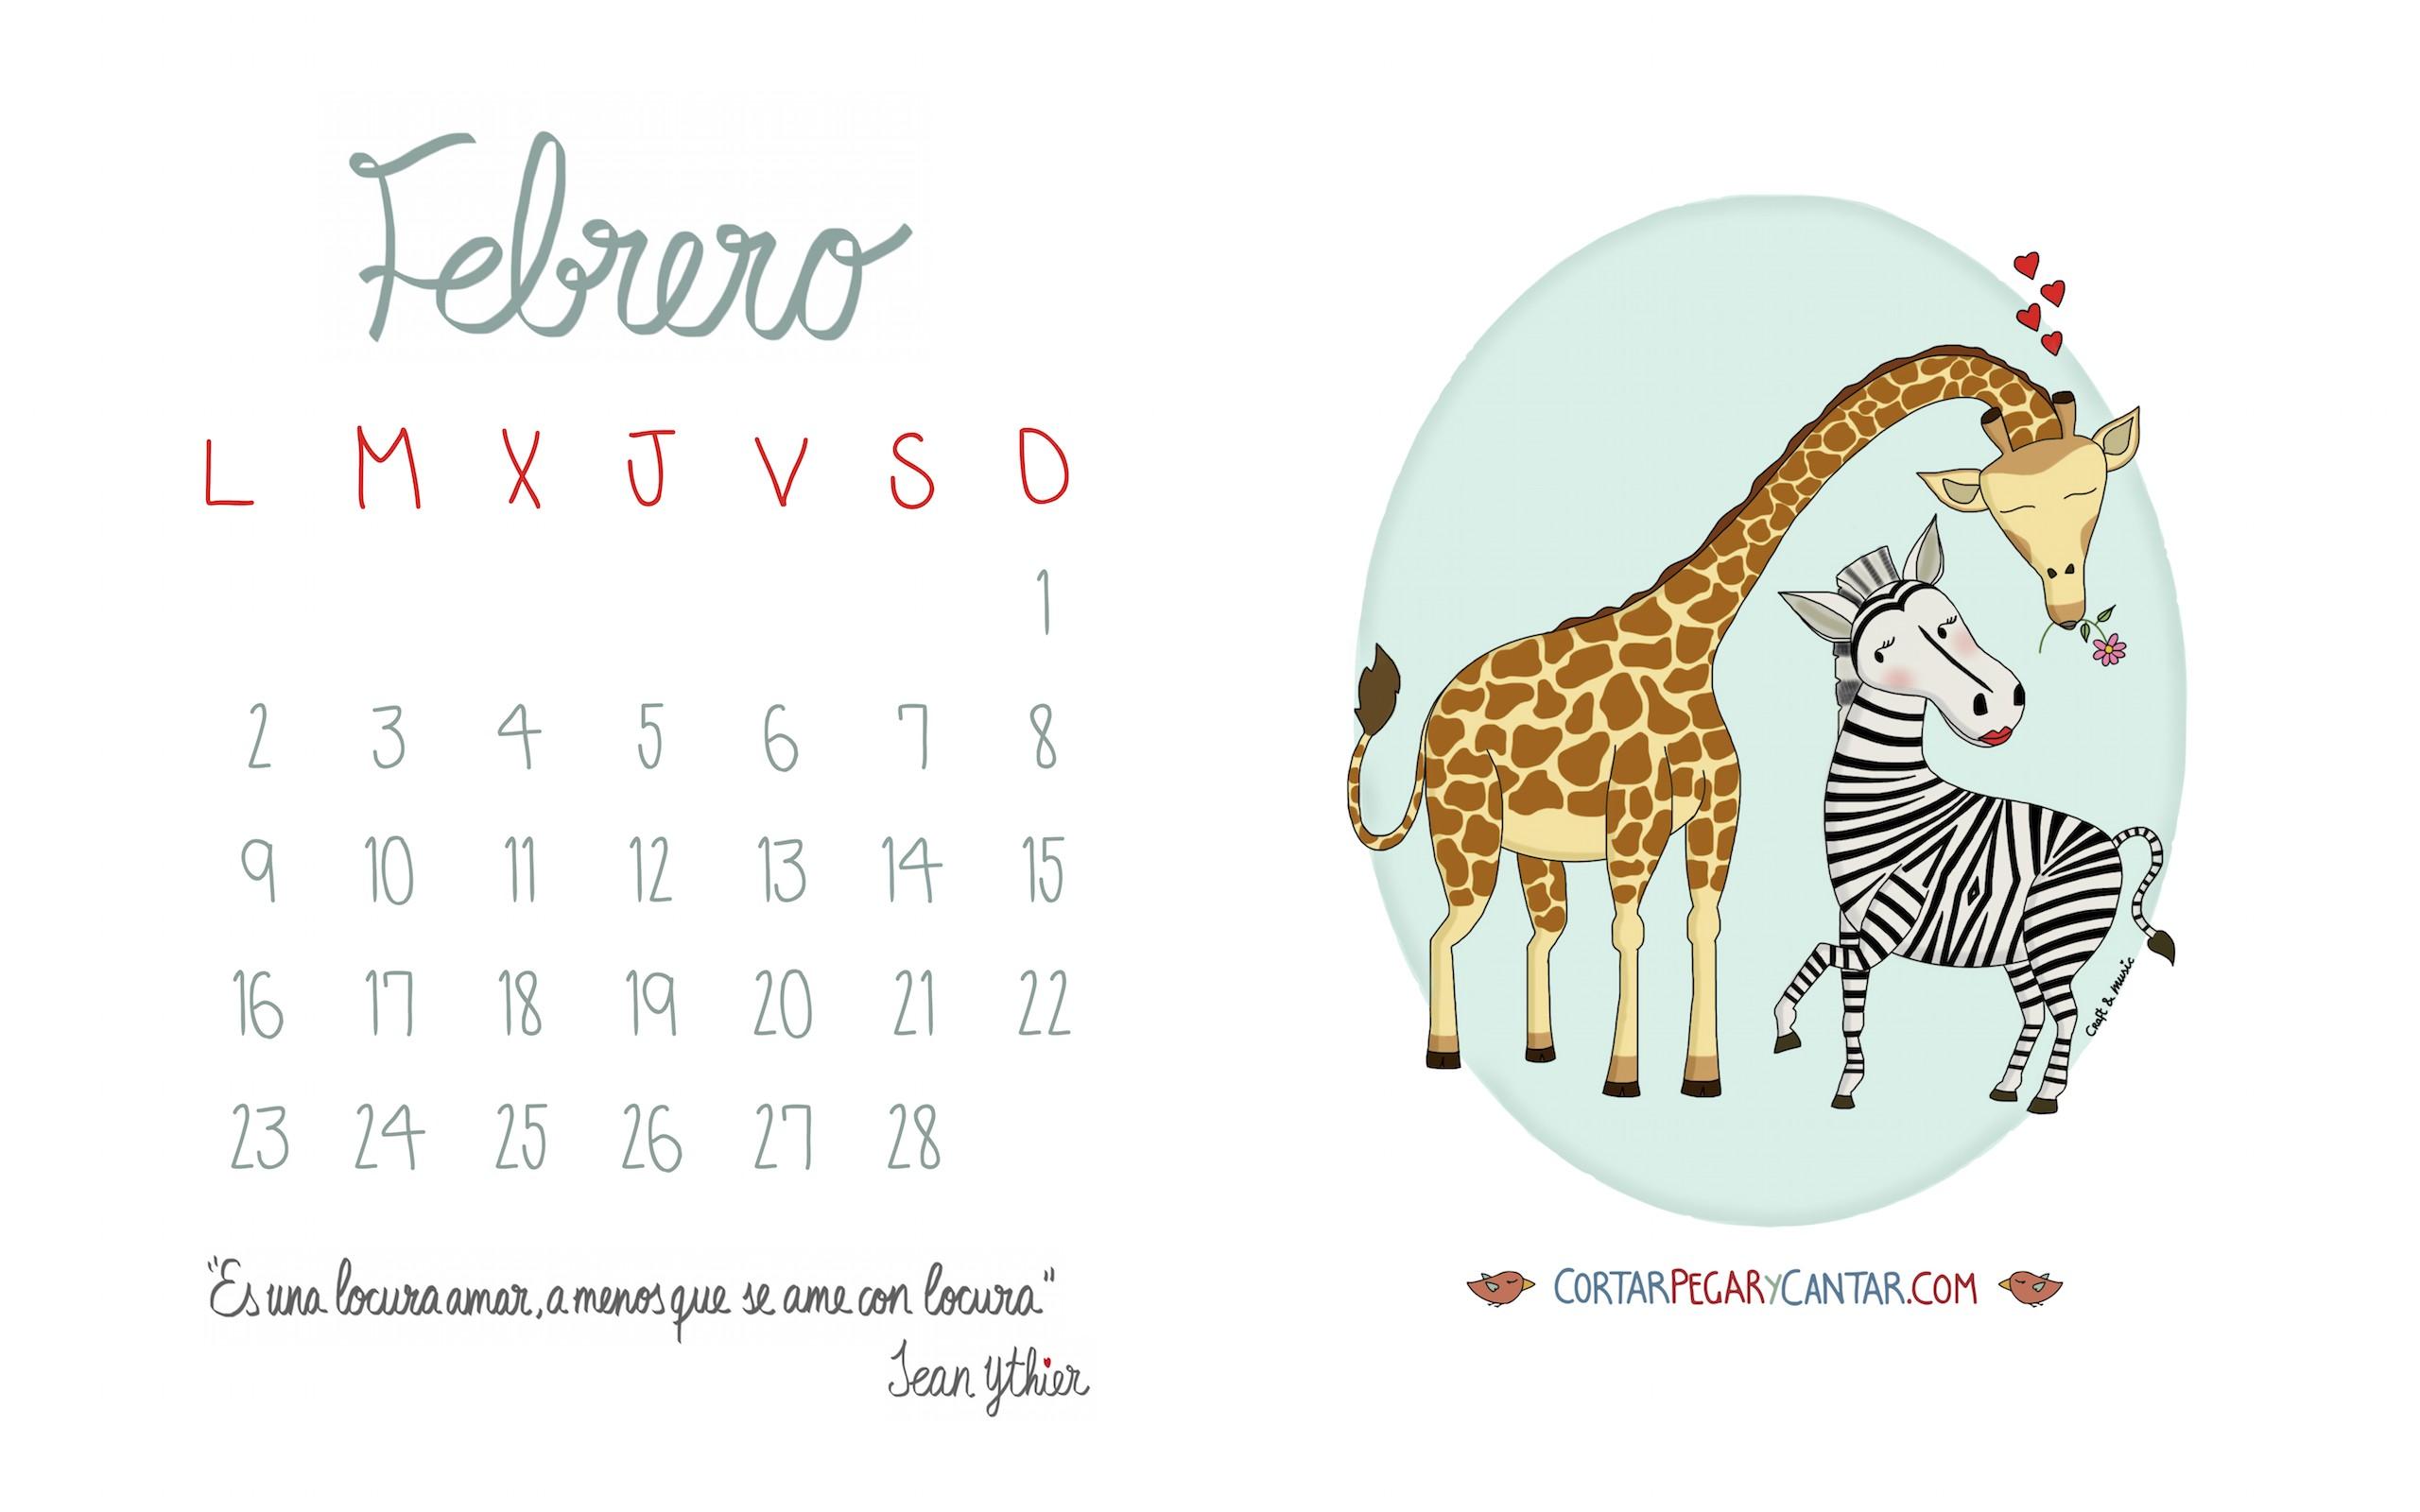 Calendario De Febrero 2017 Para Imprimir Más Arriba-a-fecha Descargables Cortar Pegar Y Cantar